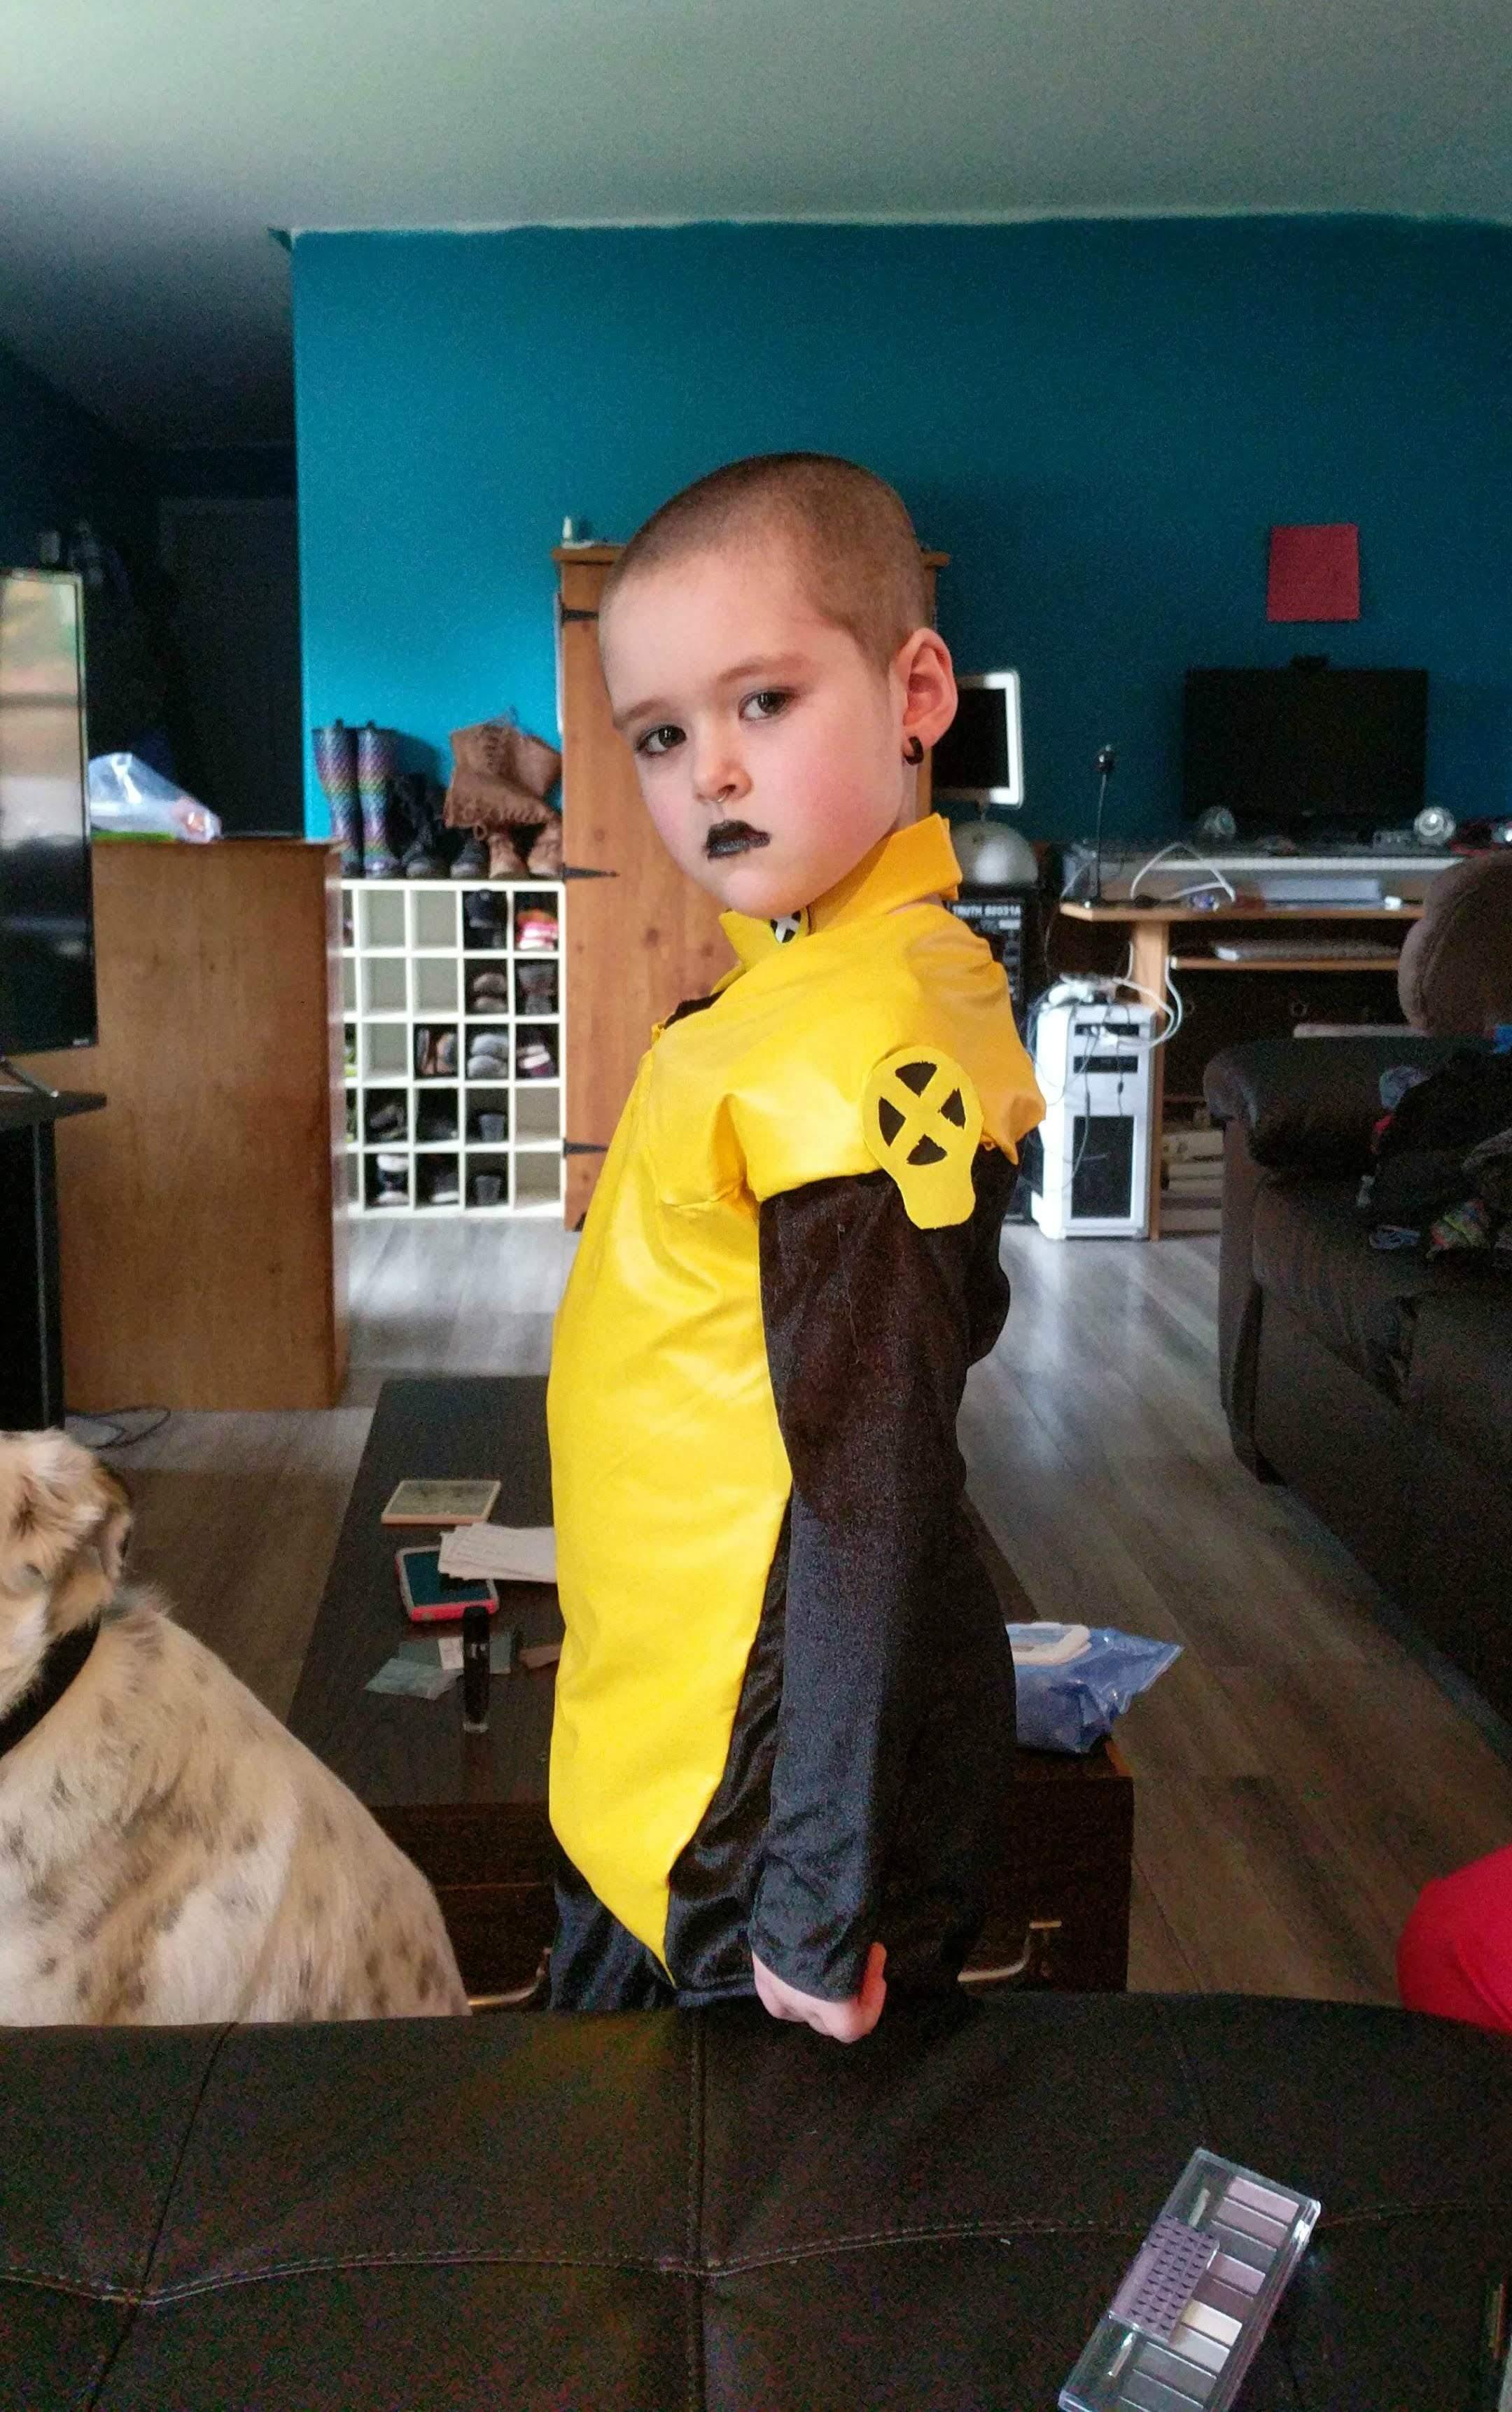 Negasonic Six-Year-Old Warhead : パパがハロウィンには、デッドプールの仮装をすると言うので、パパとお似合いになれるように、頭を丸める決意を固めた6歳のキュートなネガソニック・ティーンエイジ・ウォーヘッド ! !